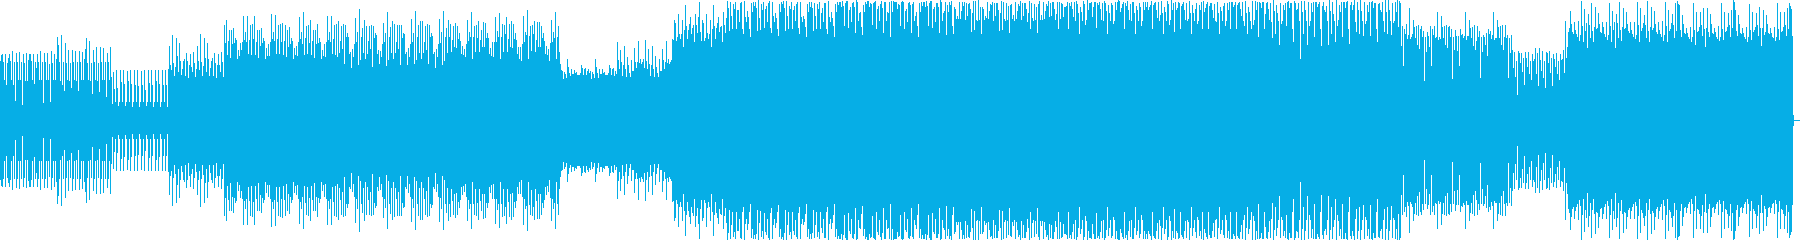 ディープ・ハウス。夜の音楽。の再生済みの波形